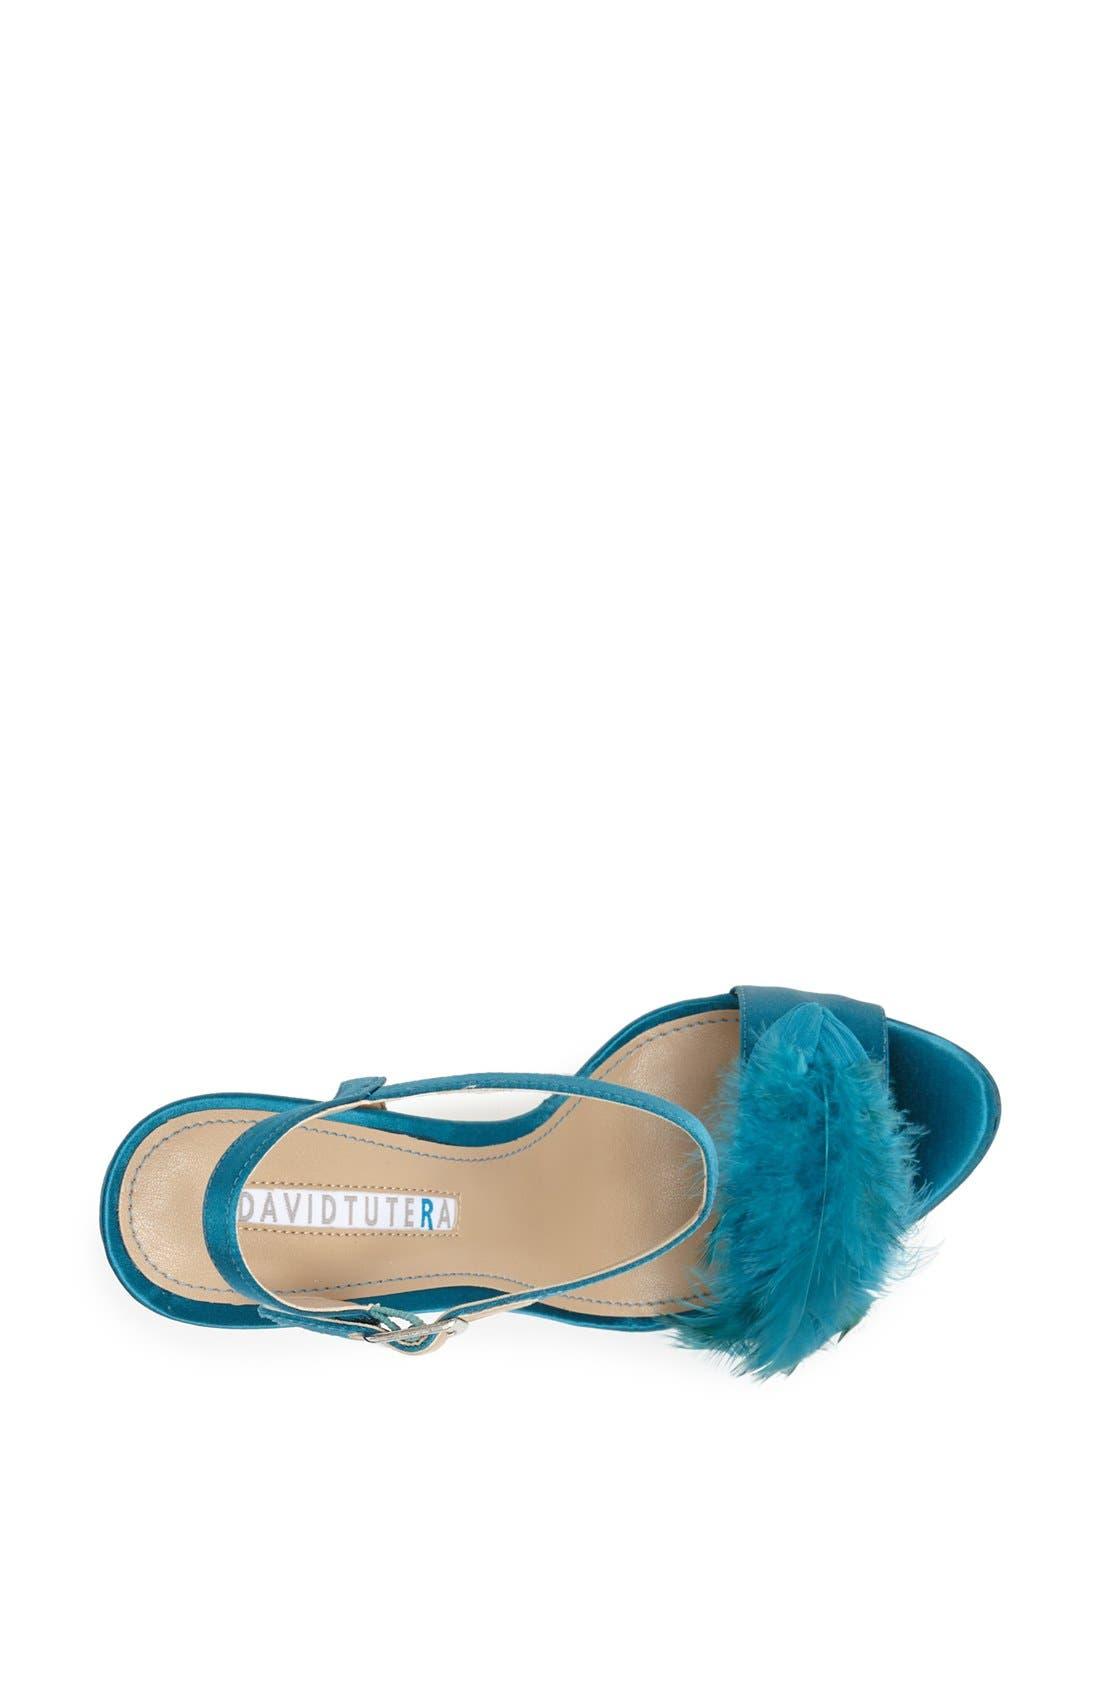 Alternate Image 3  - David Tutera 'Adore' Platform Sandal